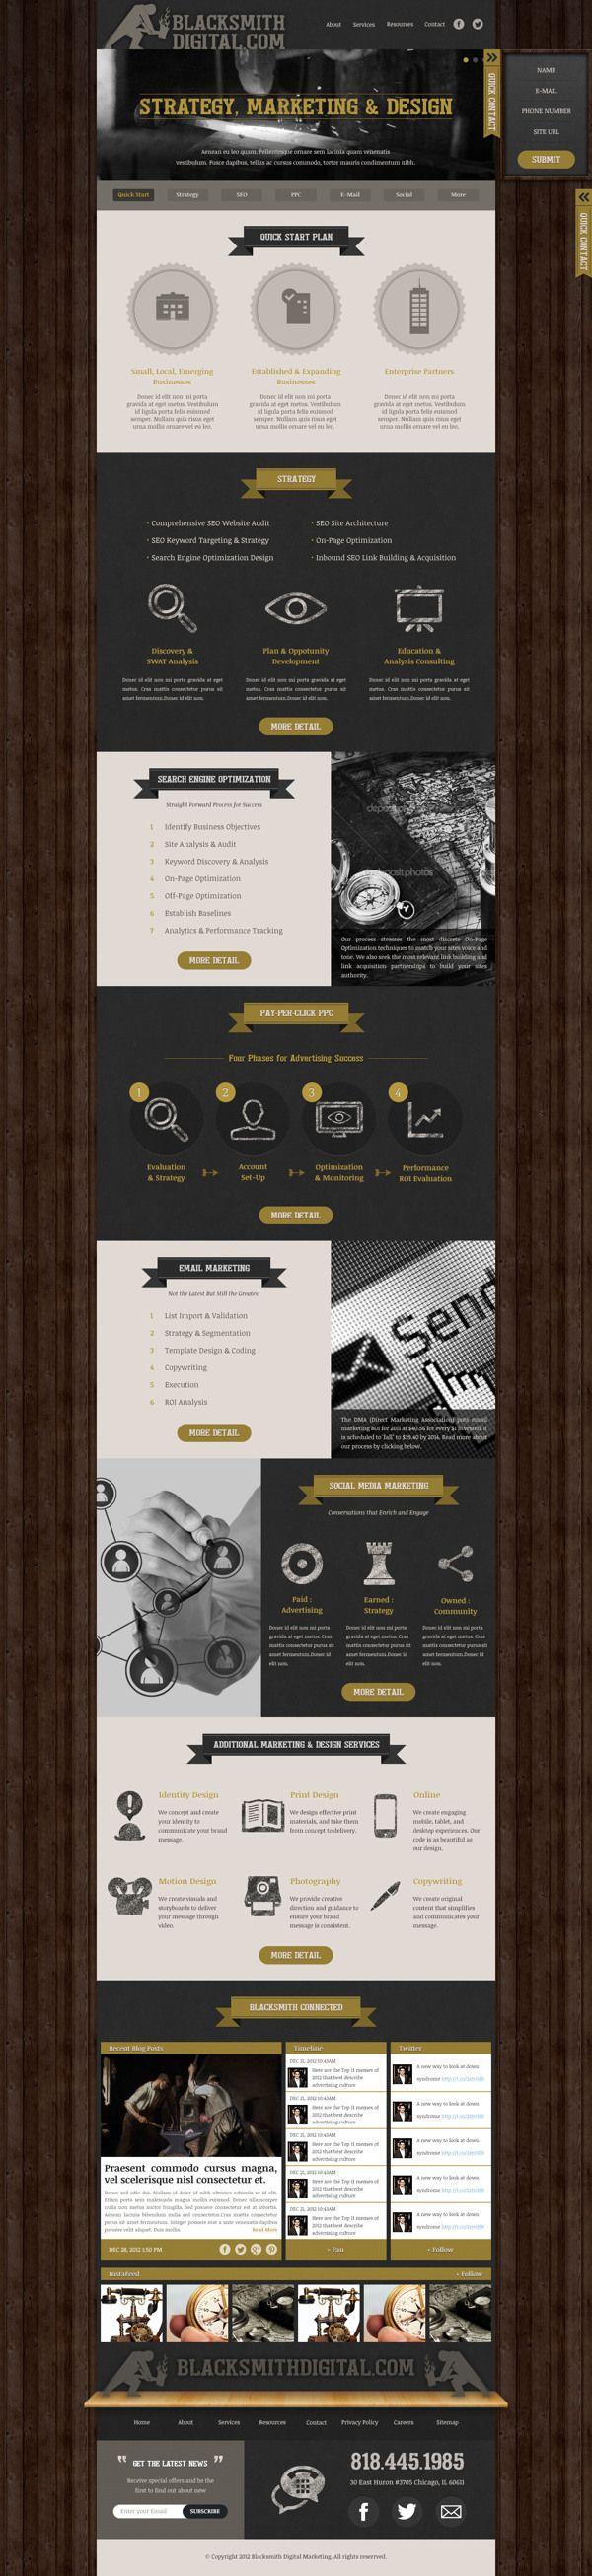 The Top Branding Firm In Sarasota Fl Colorful Website Design Web Design Web Design Inspiration